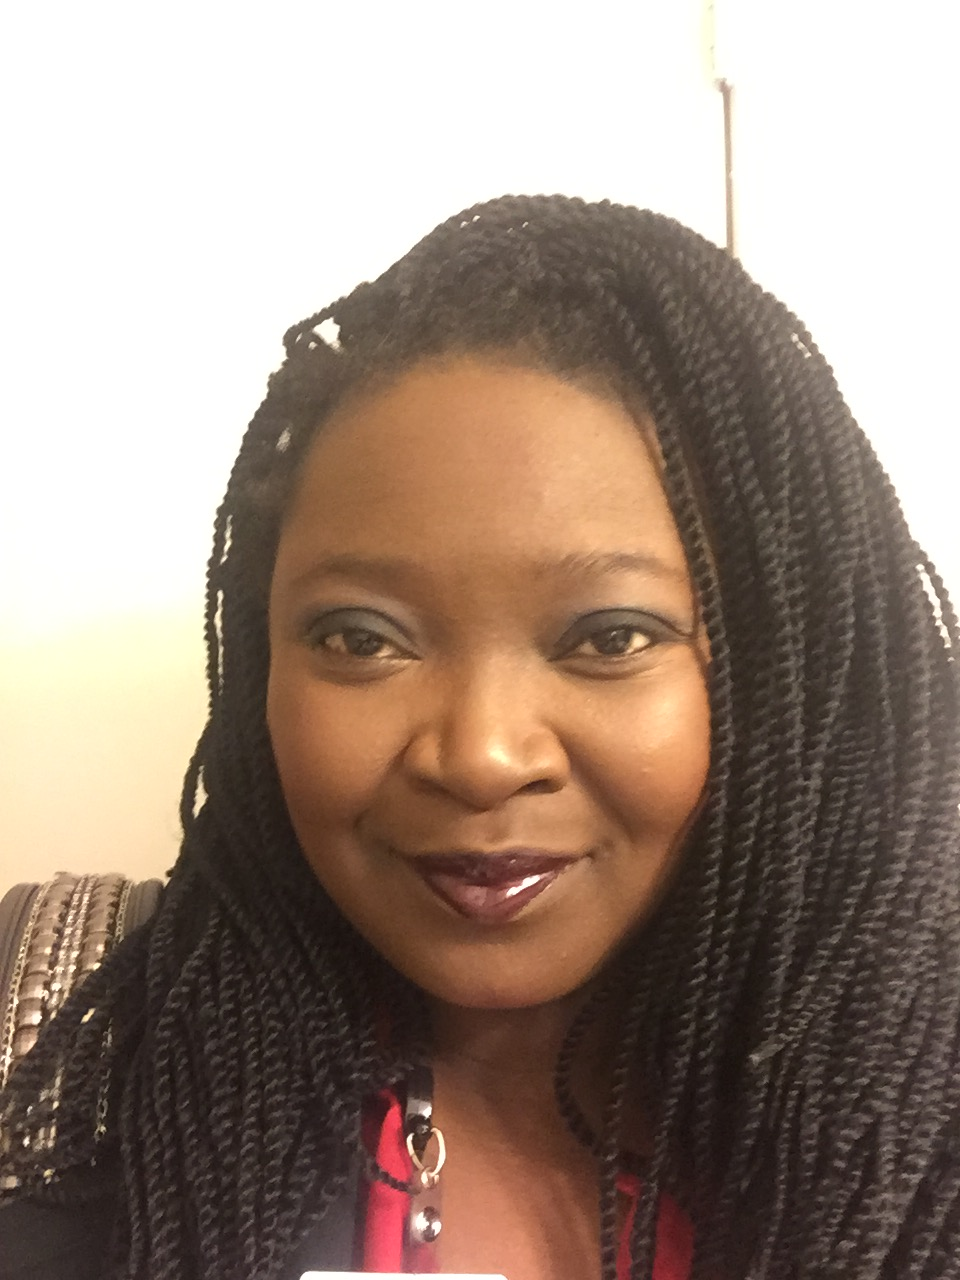 Esthetician Educator, Ms. Jasmine P.